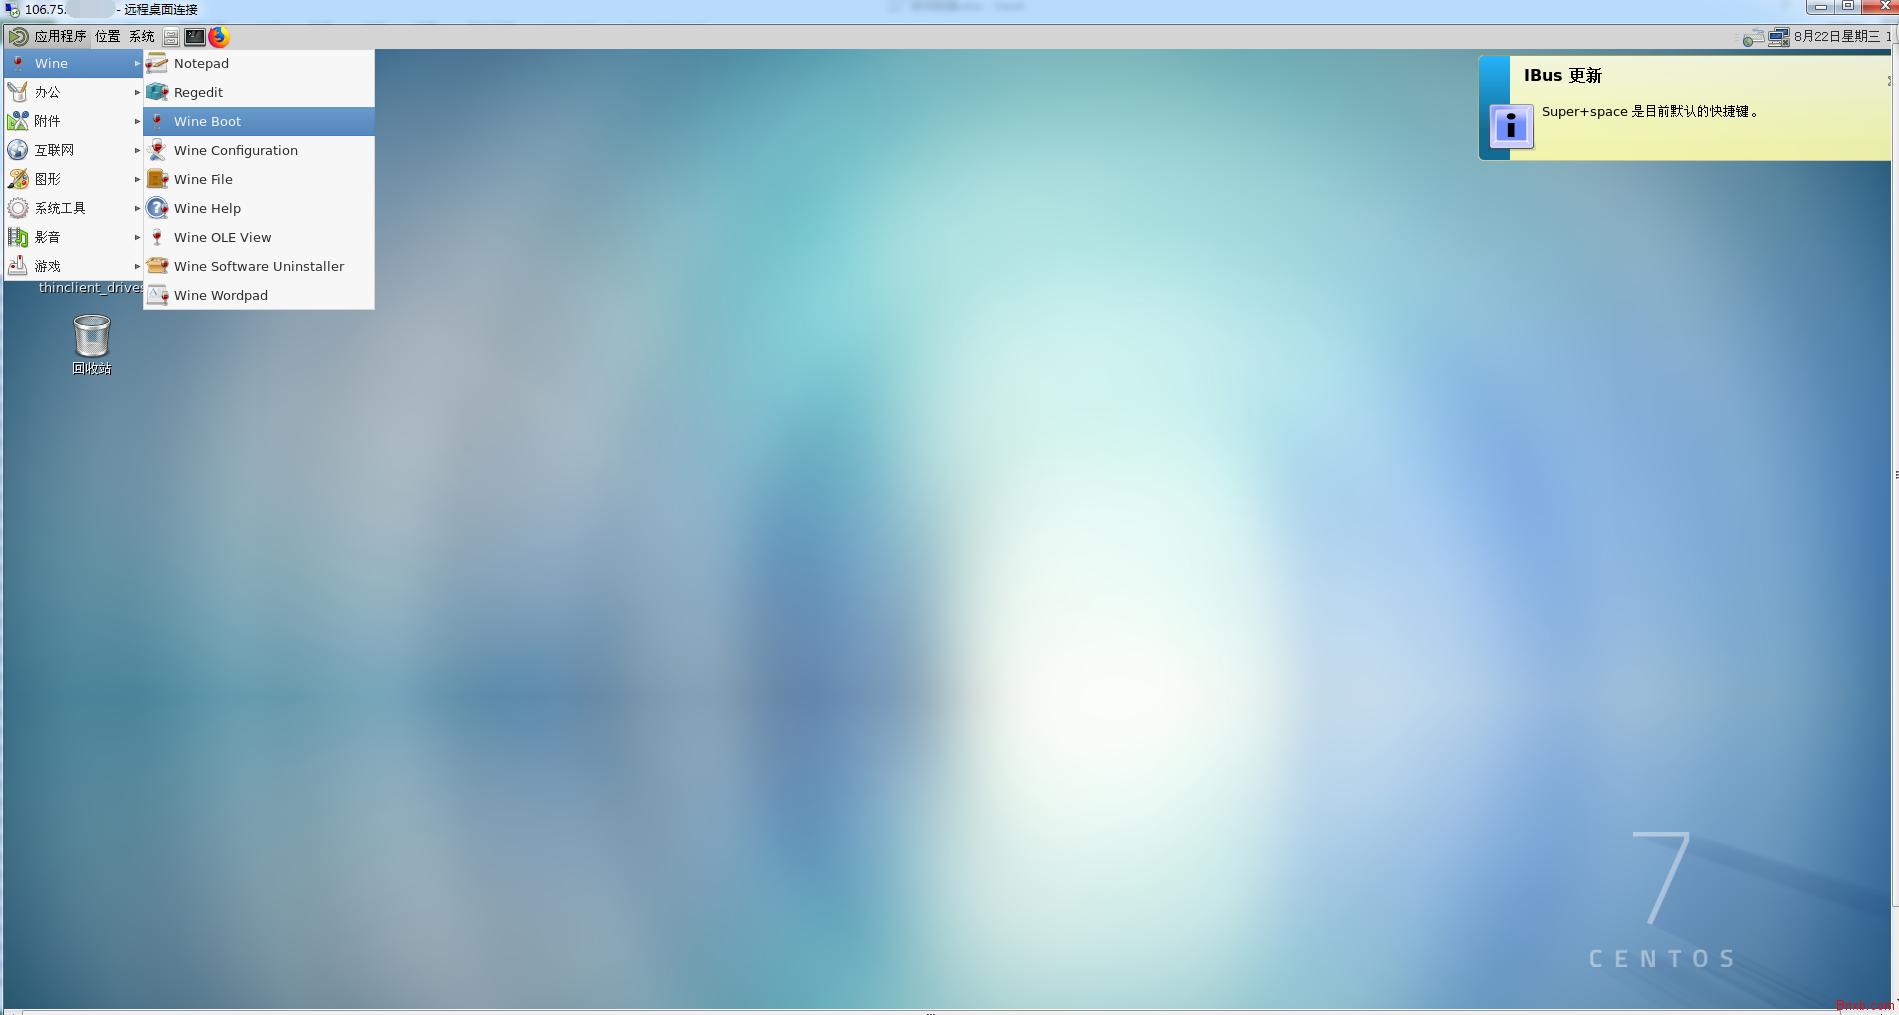 centos7下安装桌面和wine实现支持WINDWOS程序 centos7下安装wine支持QQ挂机